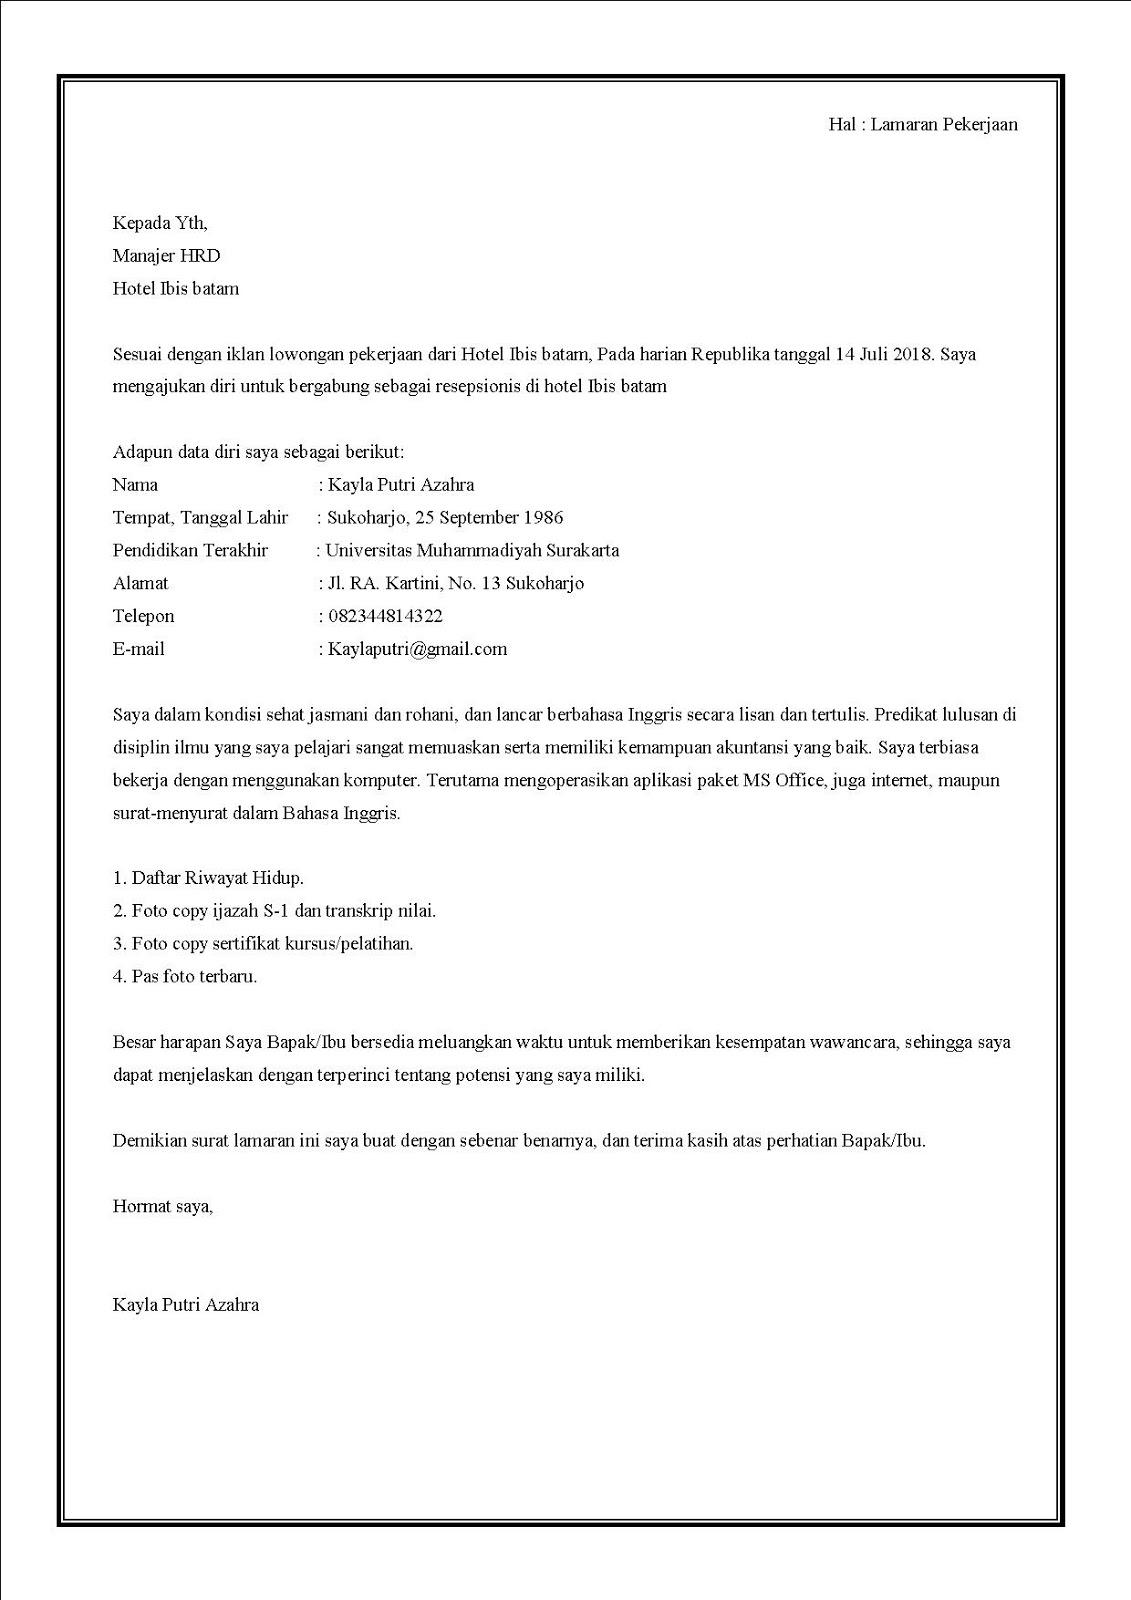 Contoh Surat Lamaran Kerja Ke Hotel : contoh, surat, lamaran, kerja, hotel, Contoh, Surat, Lamaran, Kerja, Hotel, Lengkap, Dengan, Posisinya